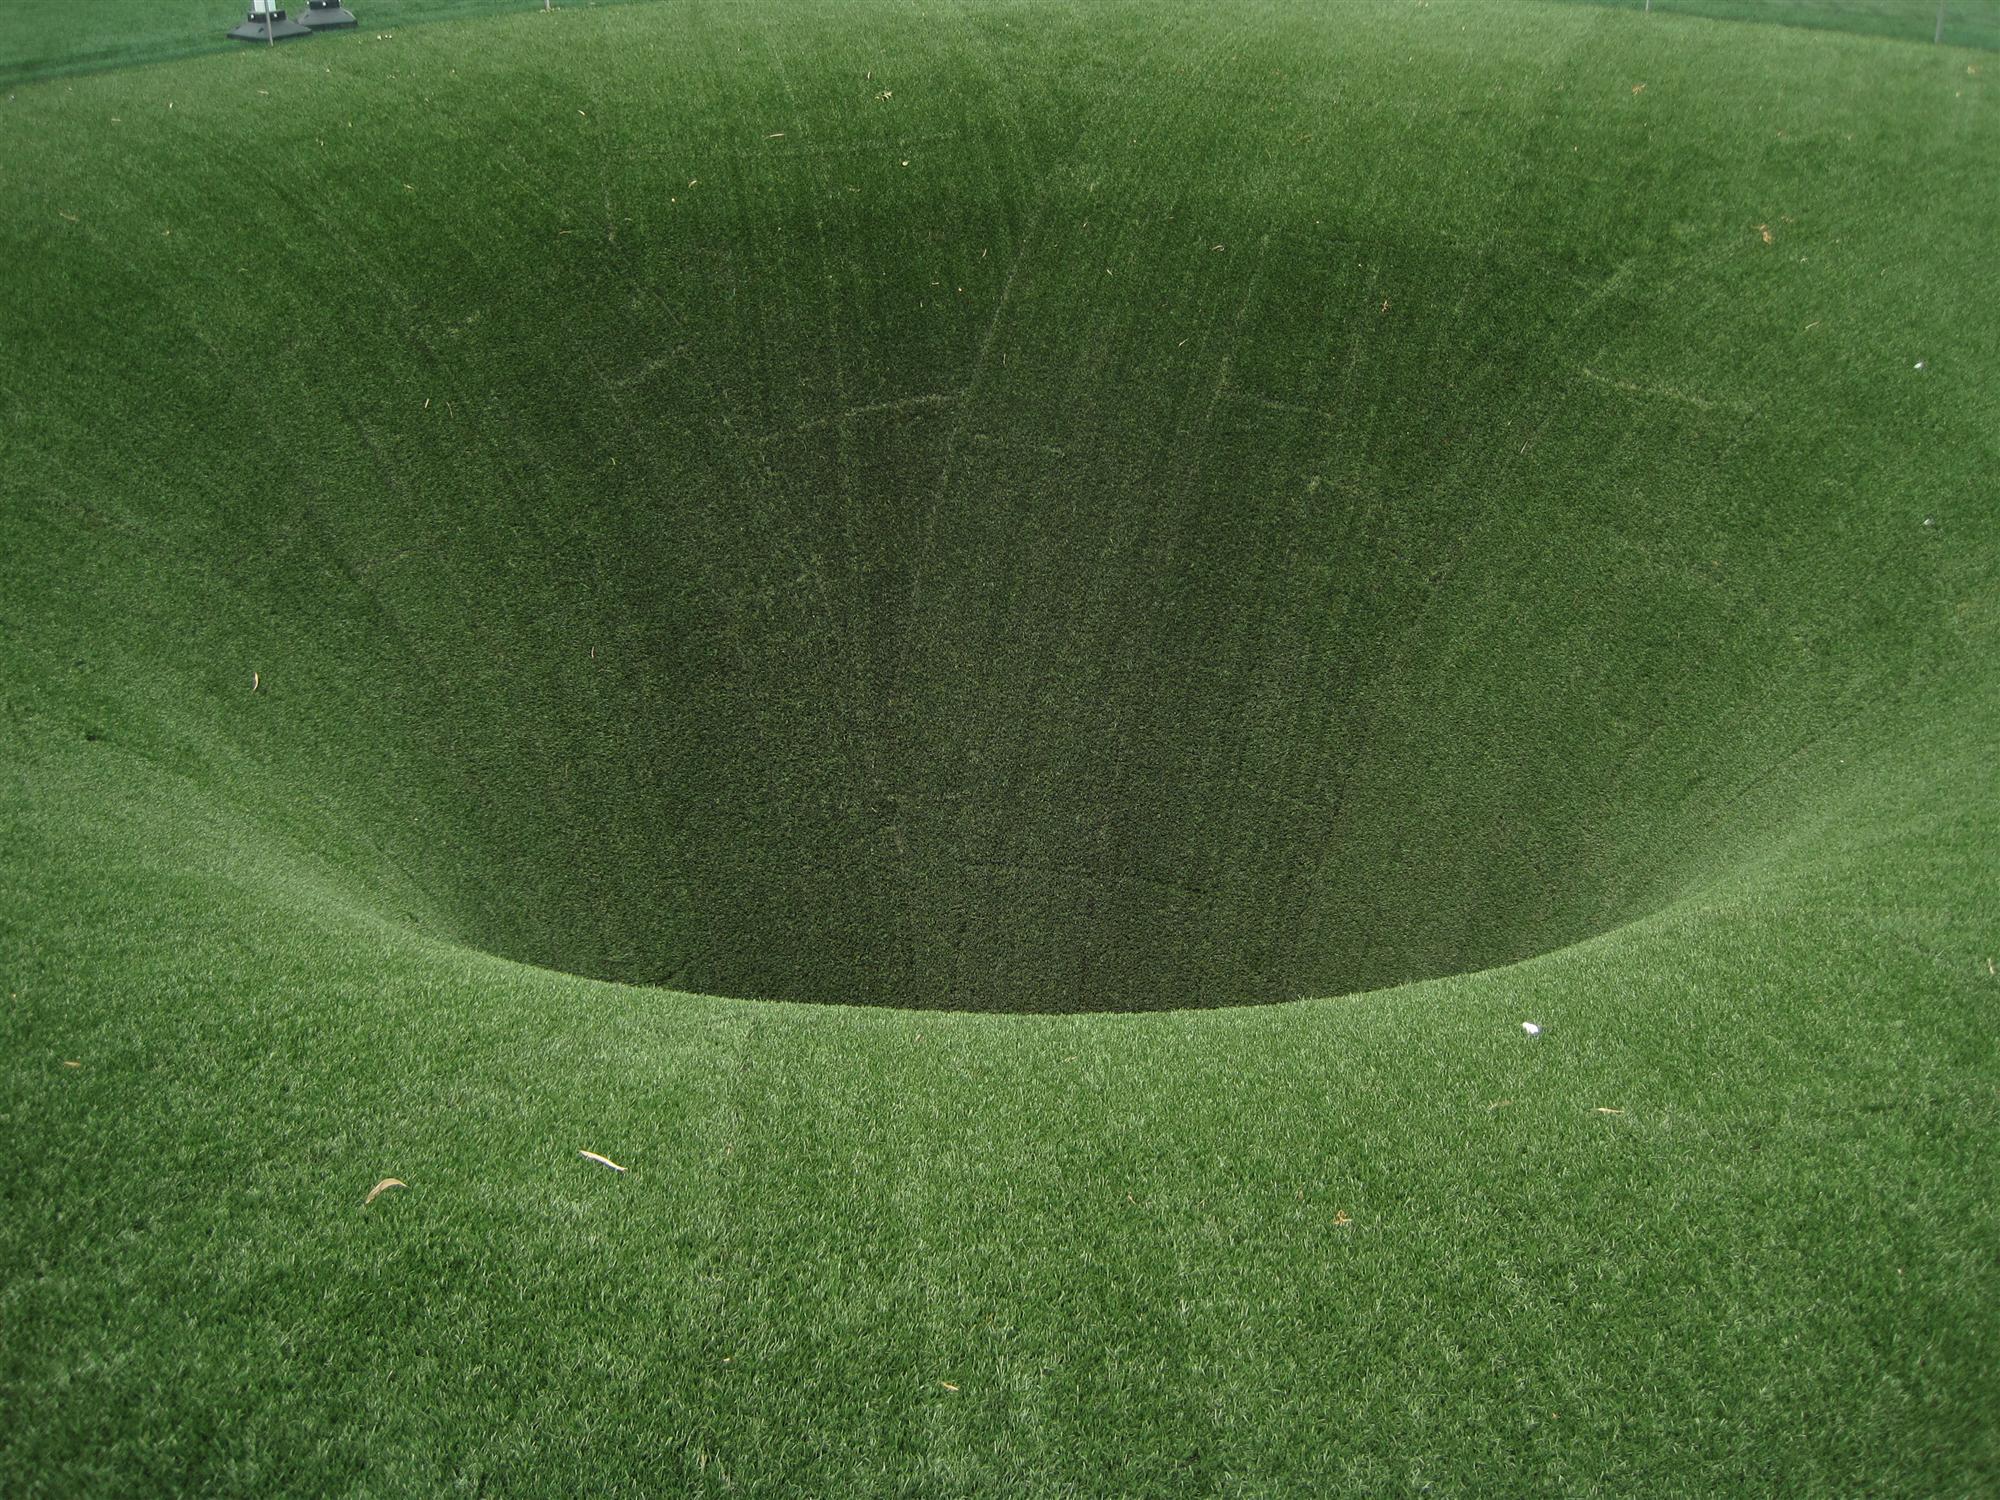 perierga.gr - Τι είναι αυτή η τεράστια τρύπα;